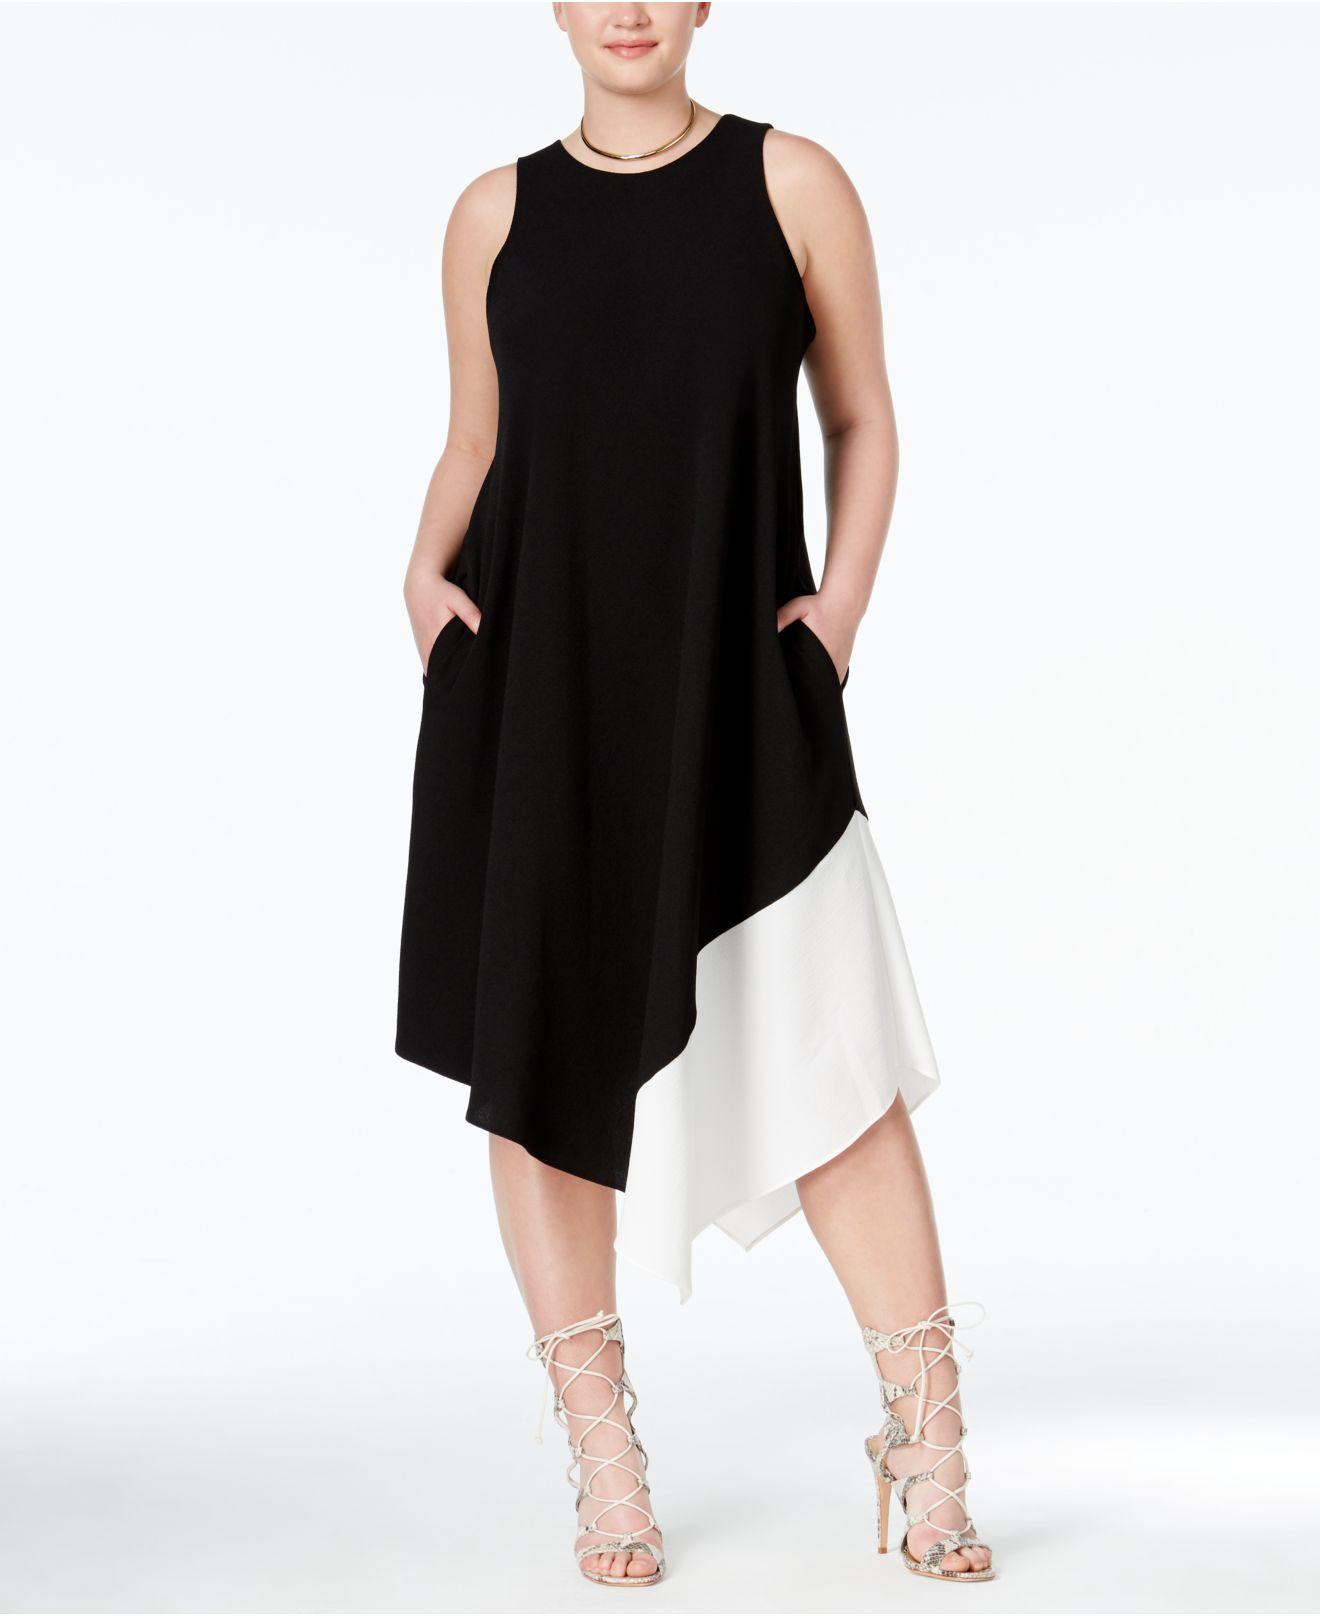 Rachel rachel roy curvy plus size colorblocked for Handkerchief shirt plus size